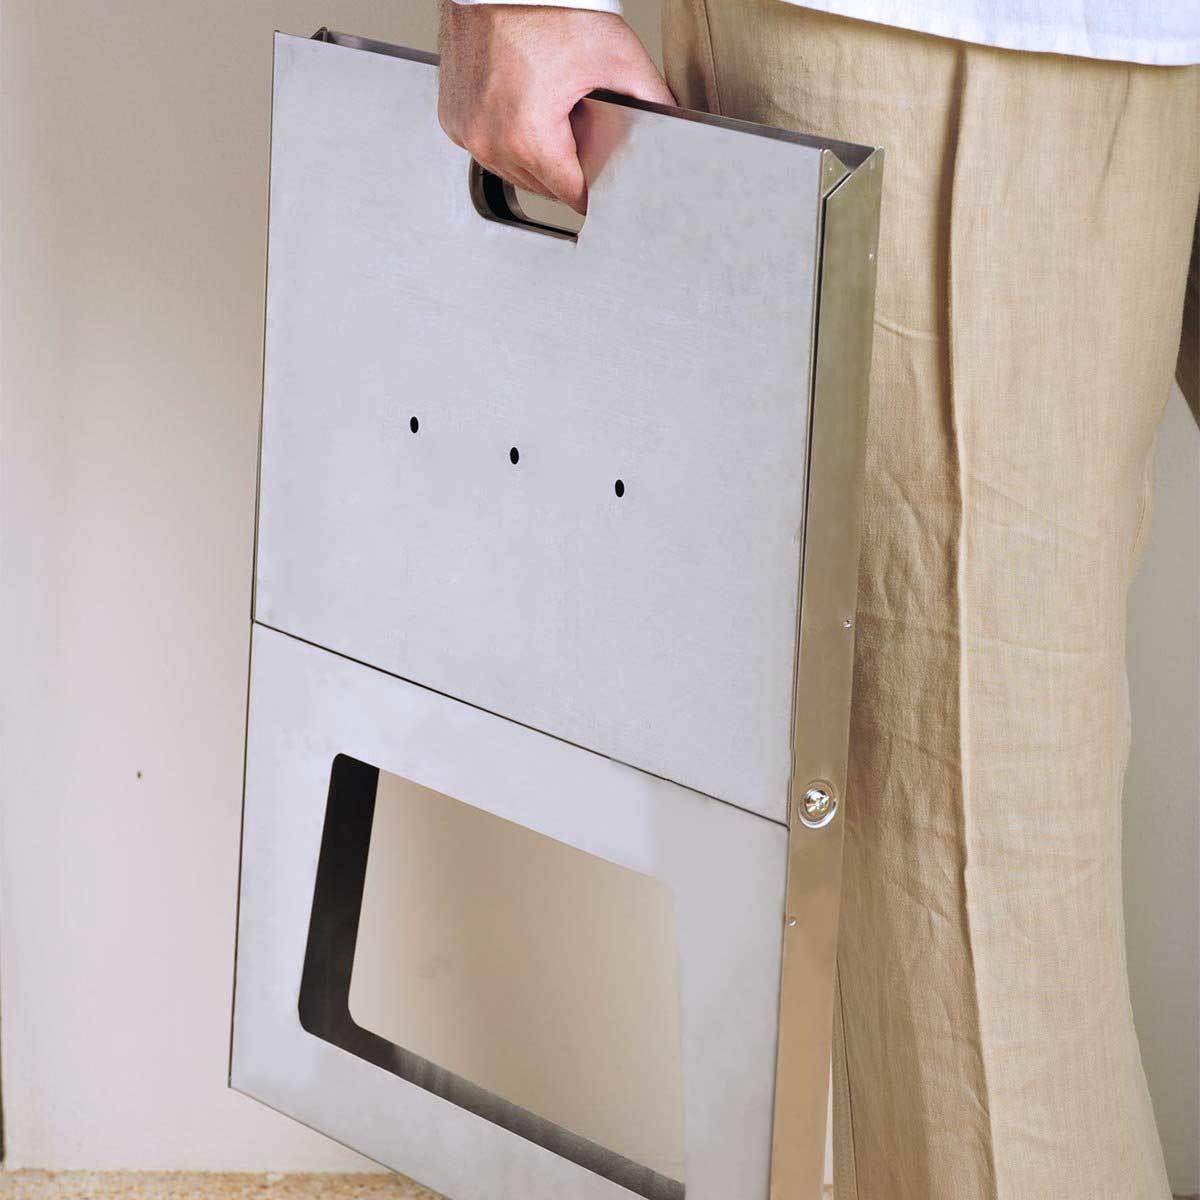 薄さ3cmのバーベキューグリル|《単品》収納も持ち運びもカンタン!畳めるバーベキューグリル|Notebook